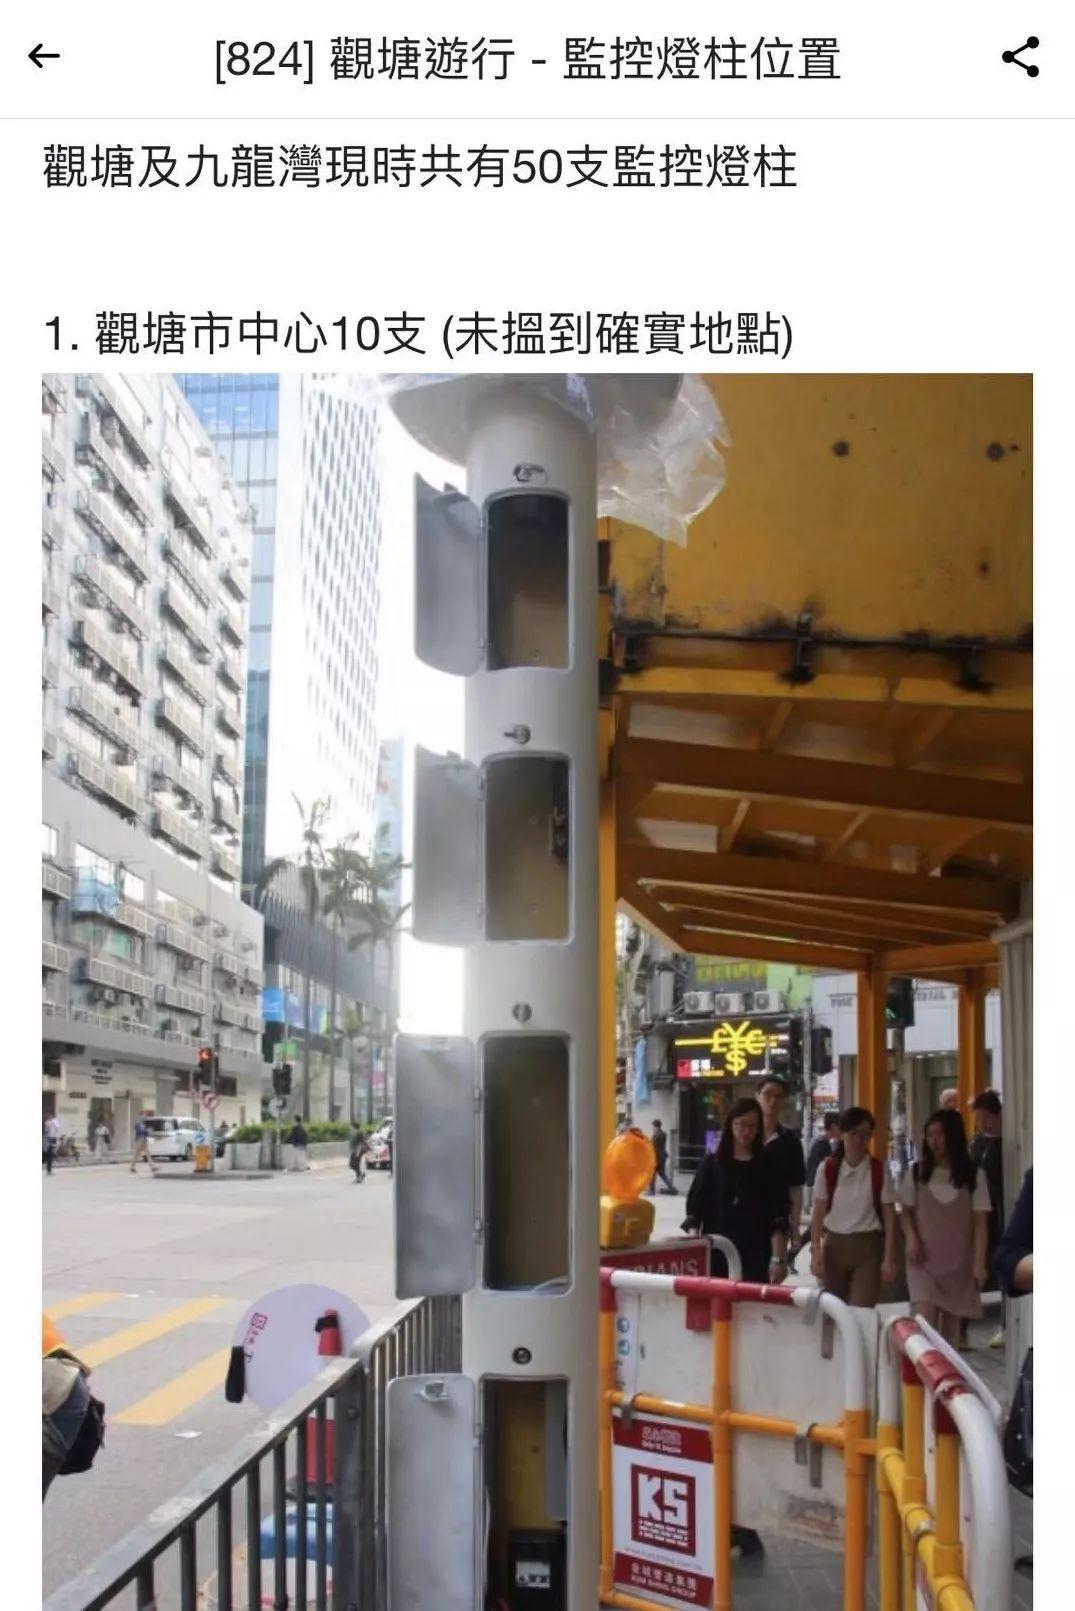 http://www.beaconitnl.com/zhengwu/283113.html